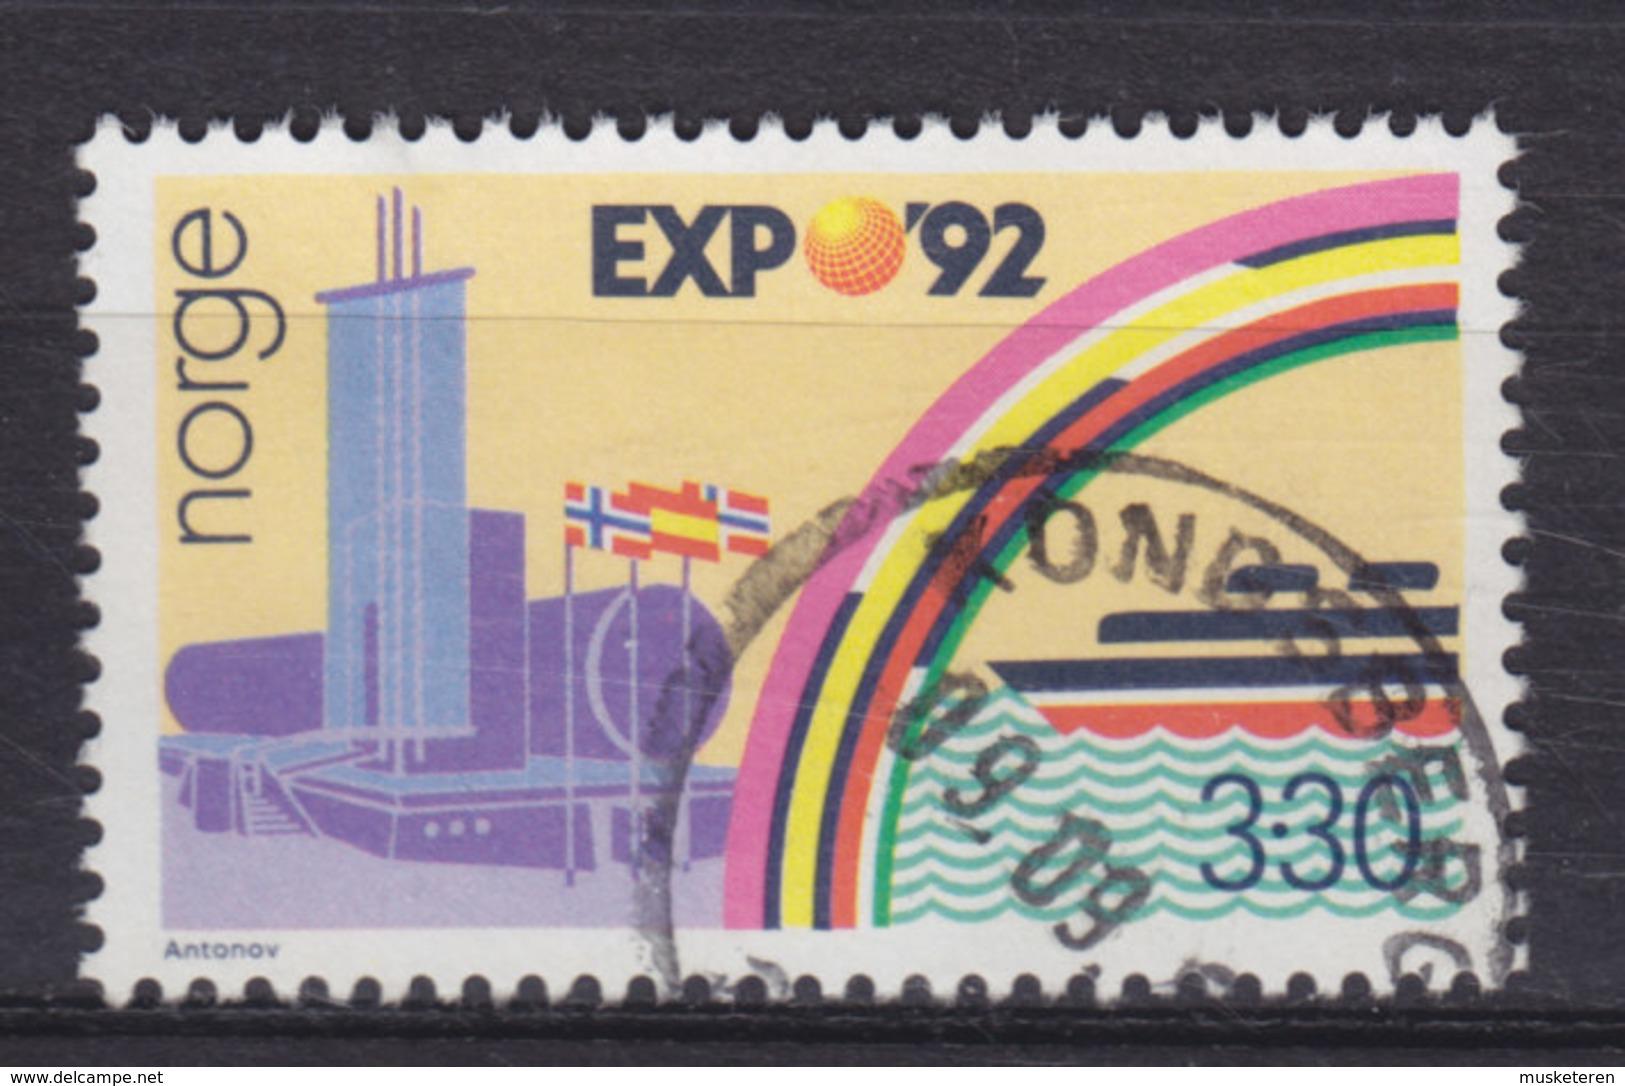 Norway 1992 Mi. 1094      3.30 Kr Weltausstellung EXPO '92 Sevilla - Gebraucht